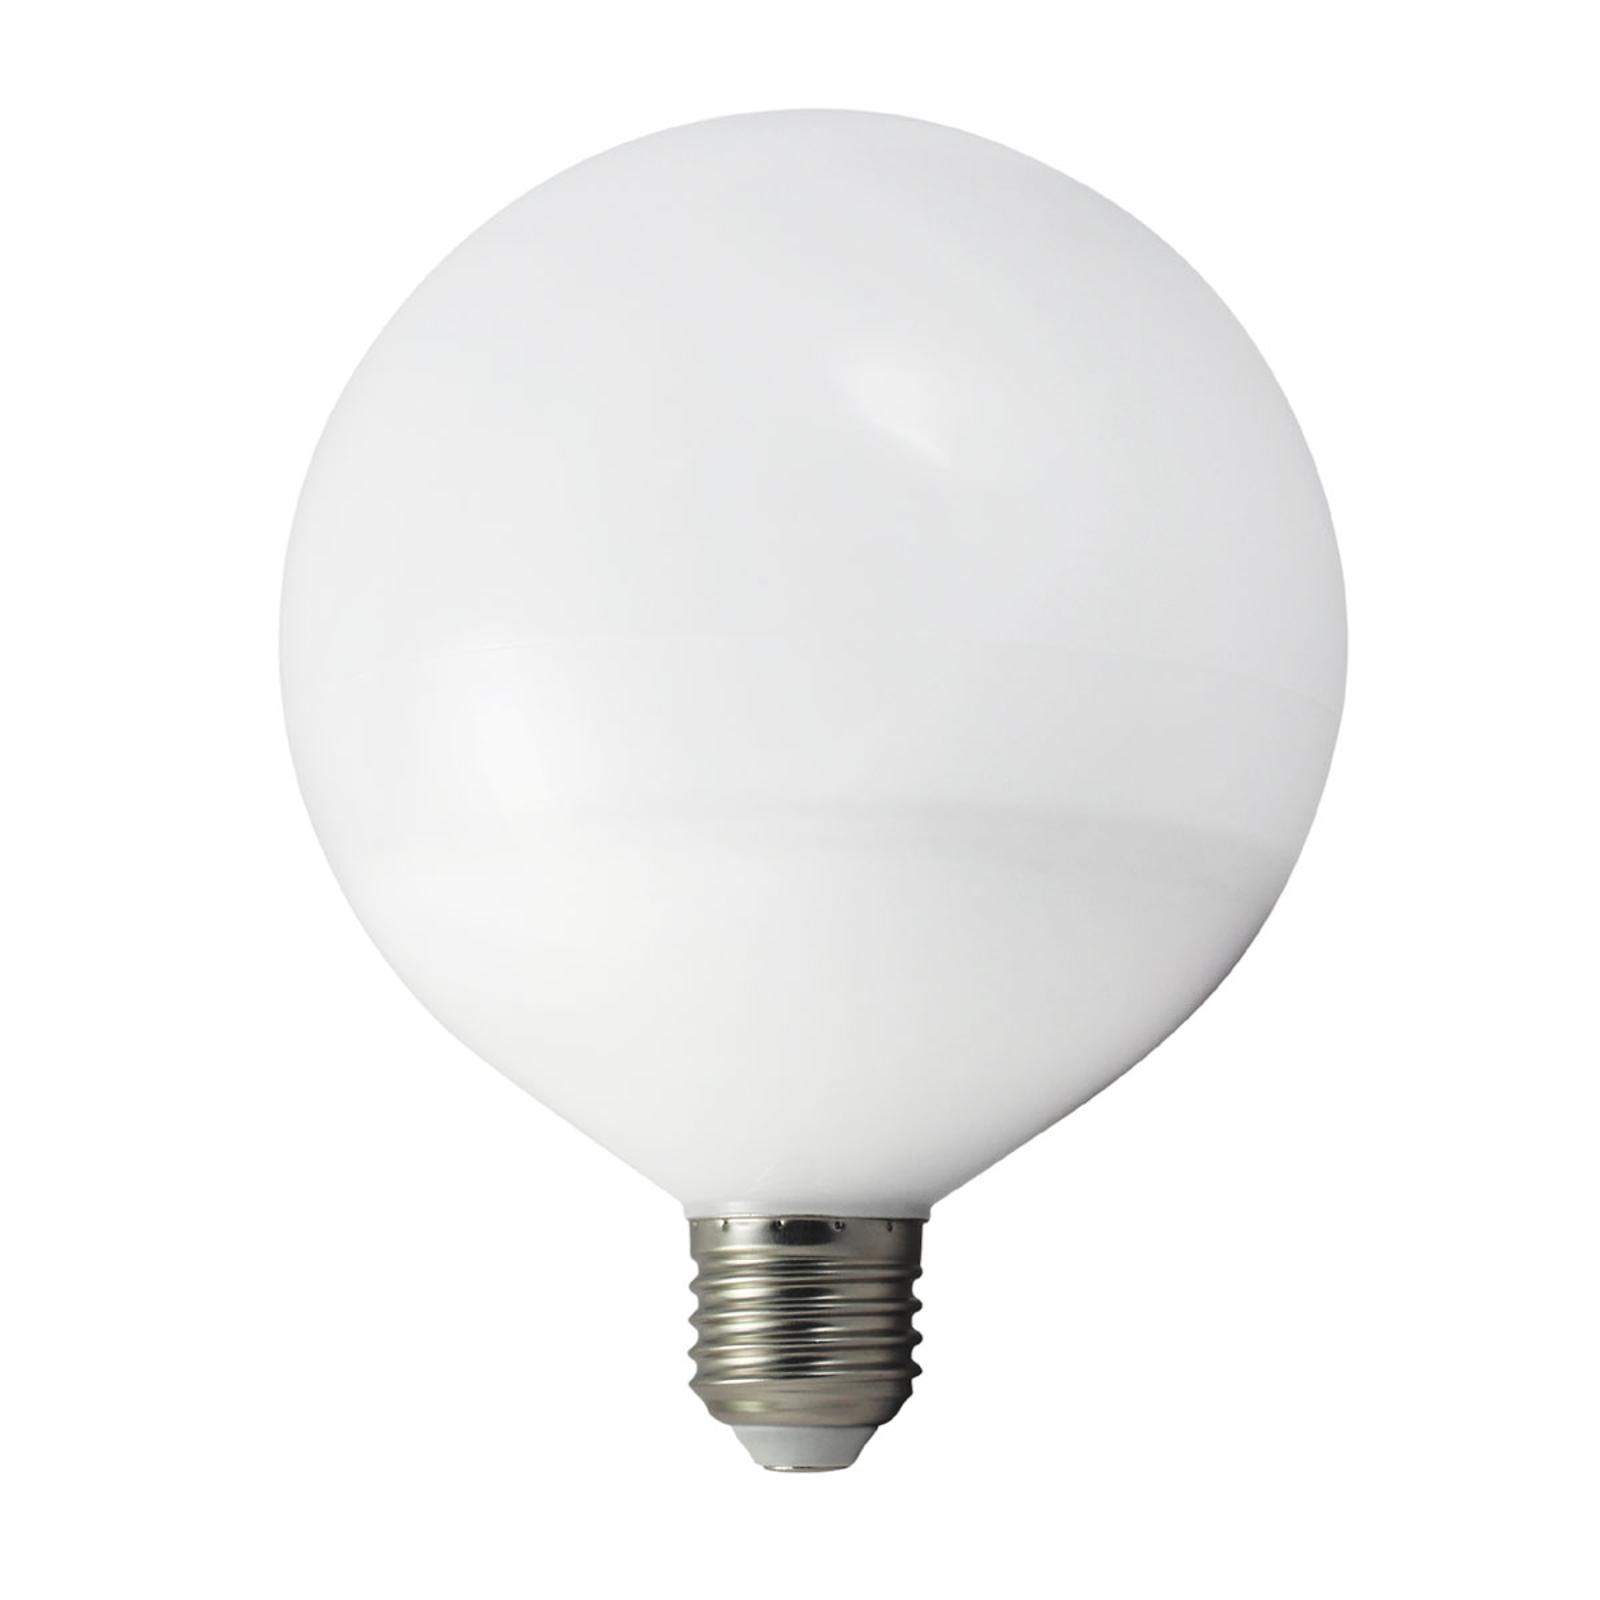 E27 15 W 827 LED žiarovka Globe, teplá biela_2515036_1